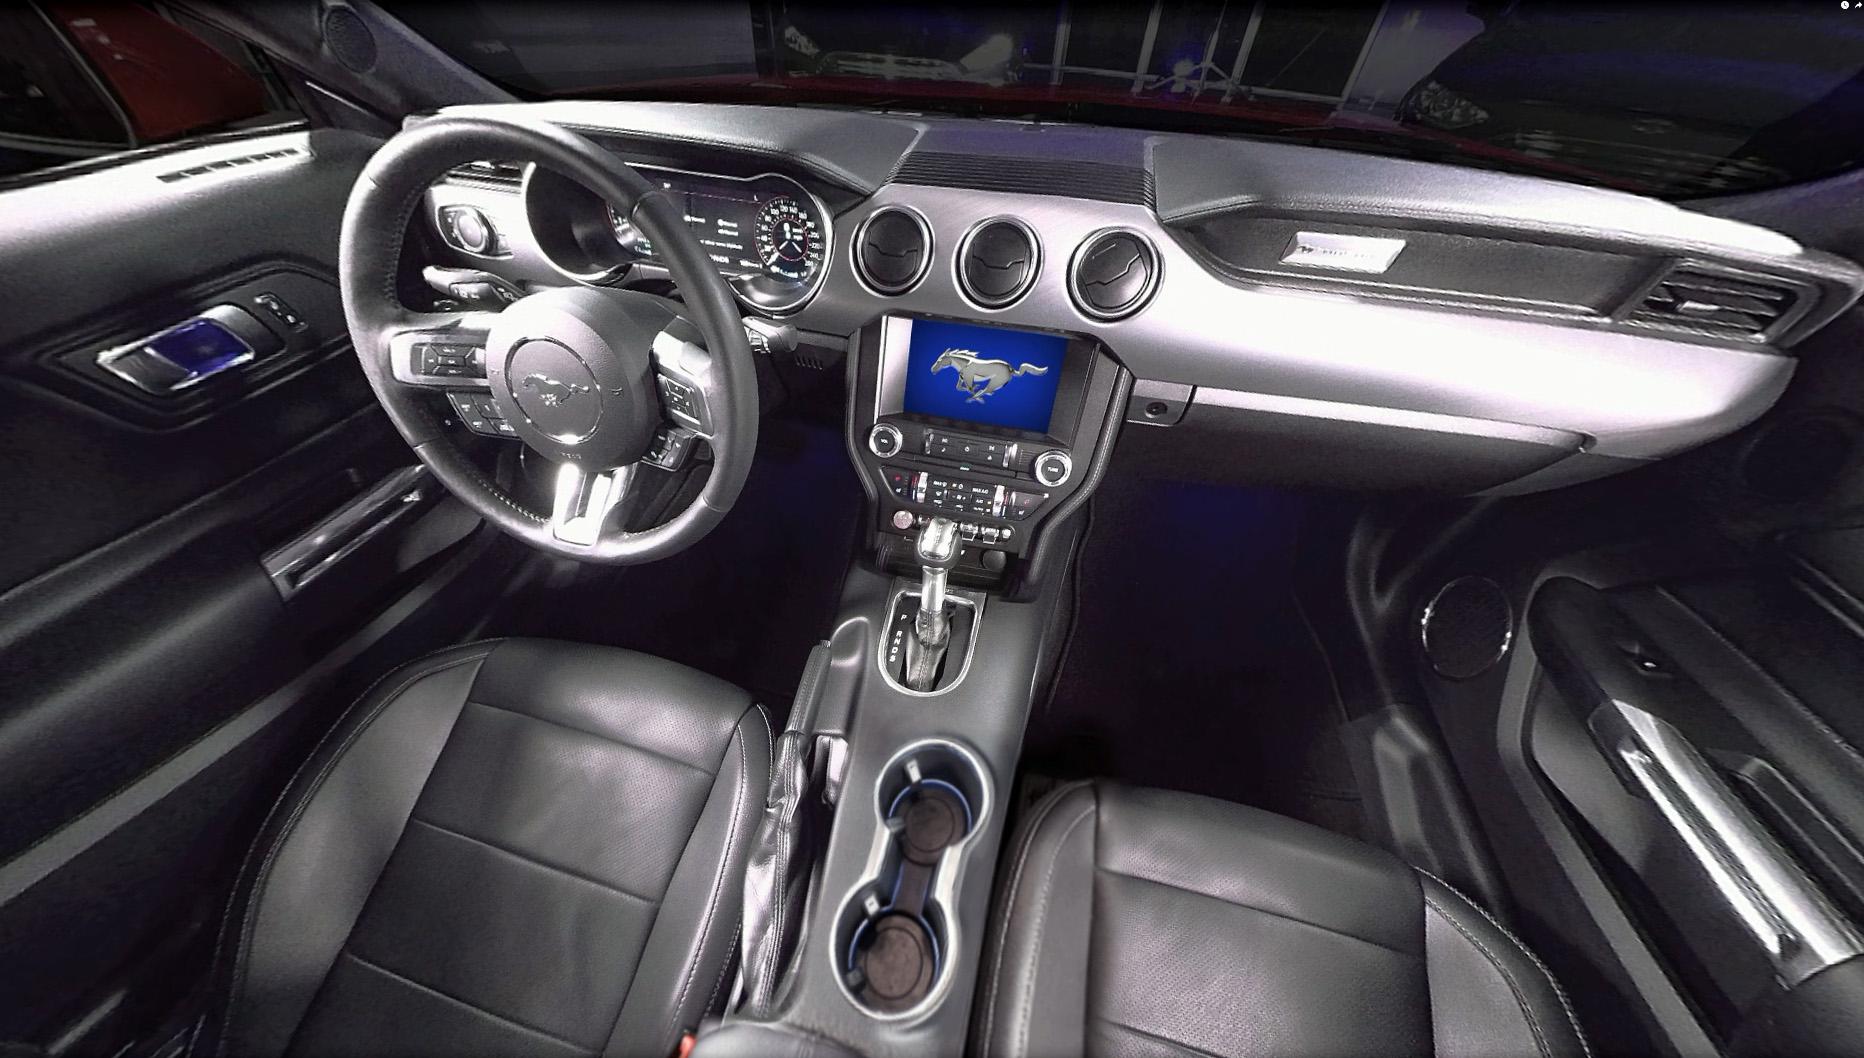 Ford Cria Test Drive De Realidade Virtual Do Mustang Com Video 360 Graus Publicidade E Cerveja Porque O Segredo Do Sucesso Criativo E A Gelada